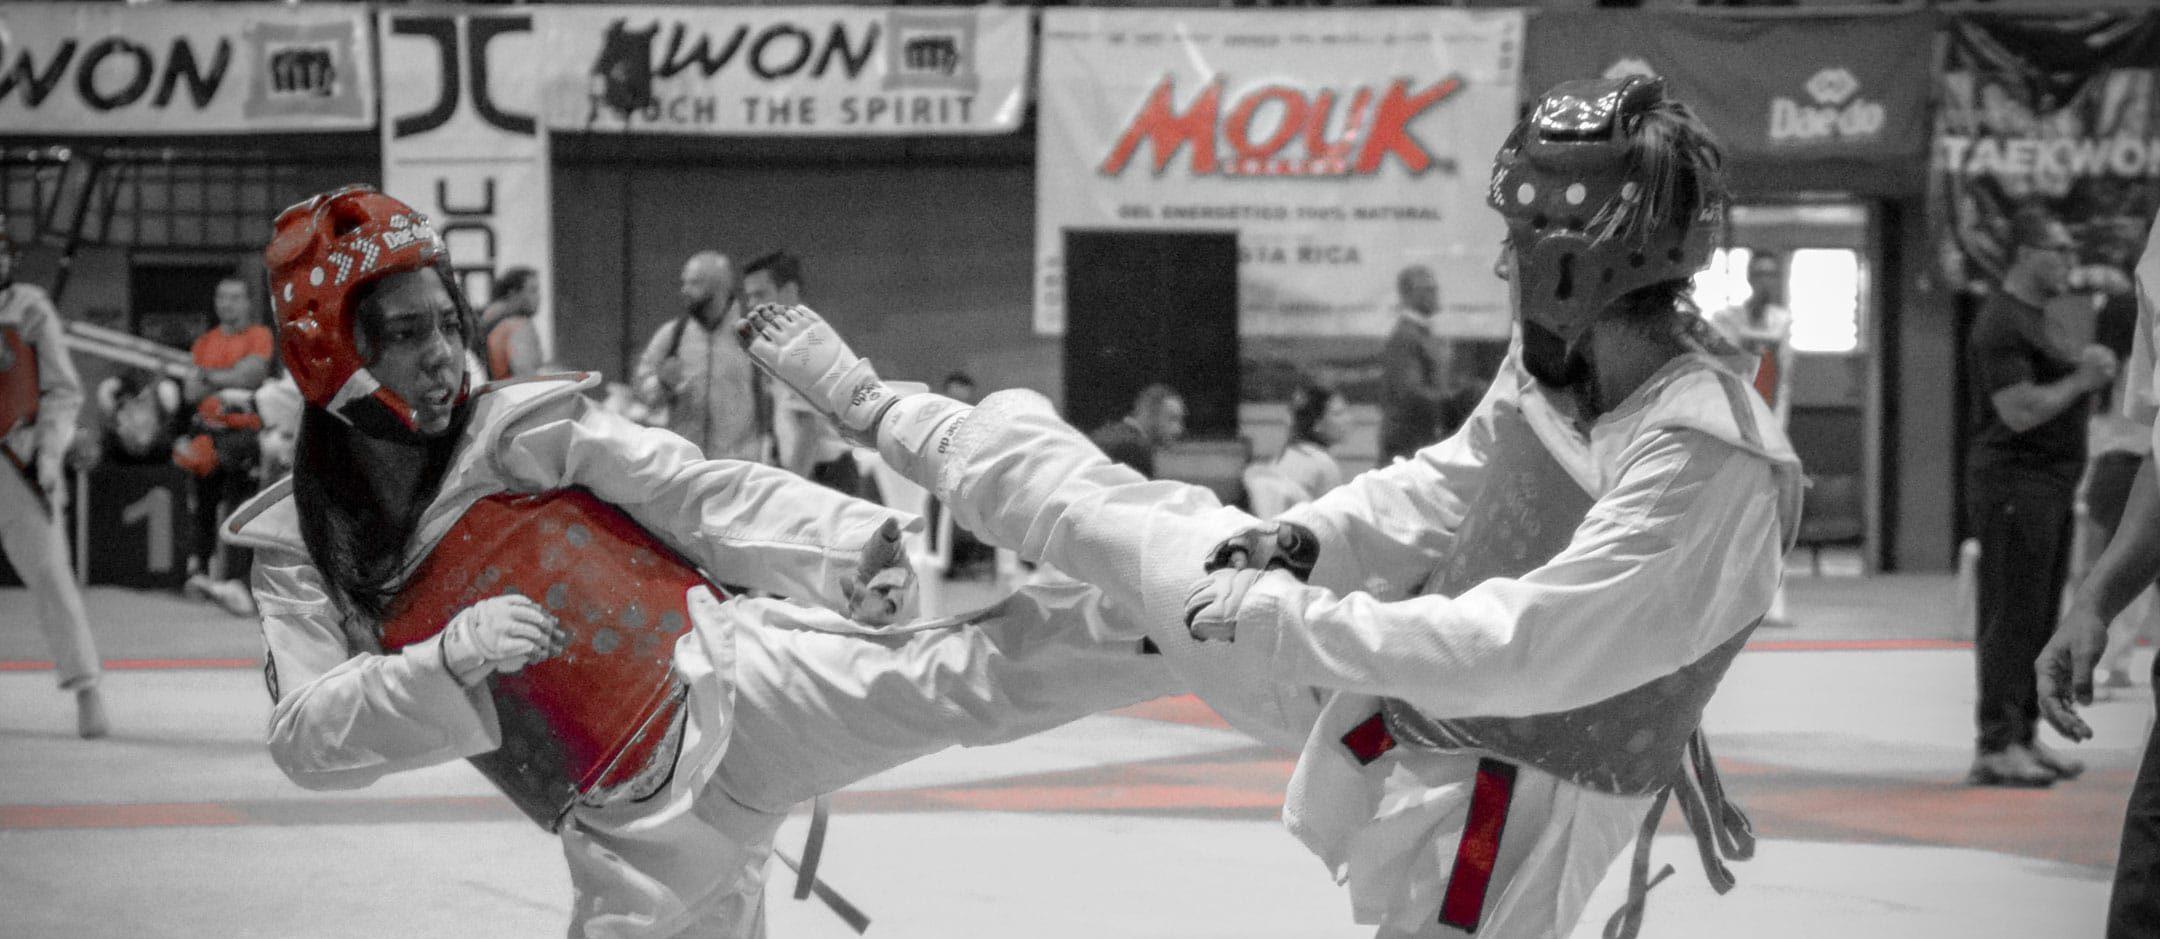 MouK ENERGY - Taekwondo